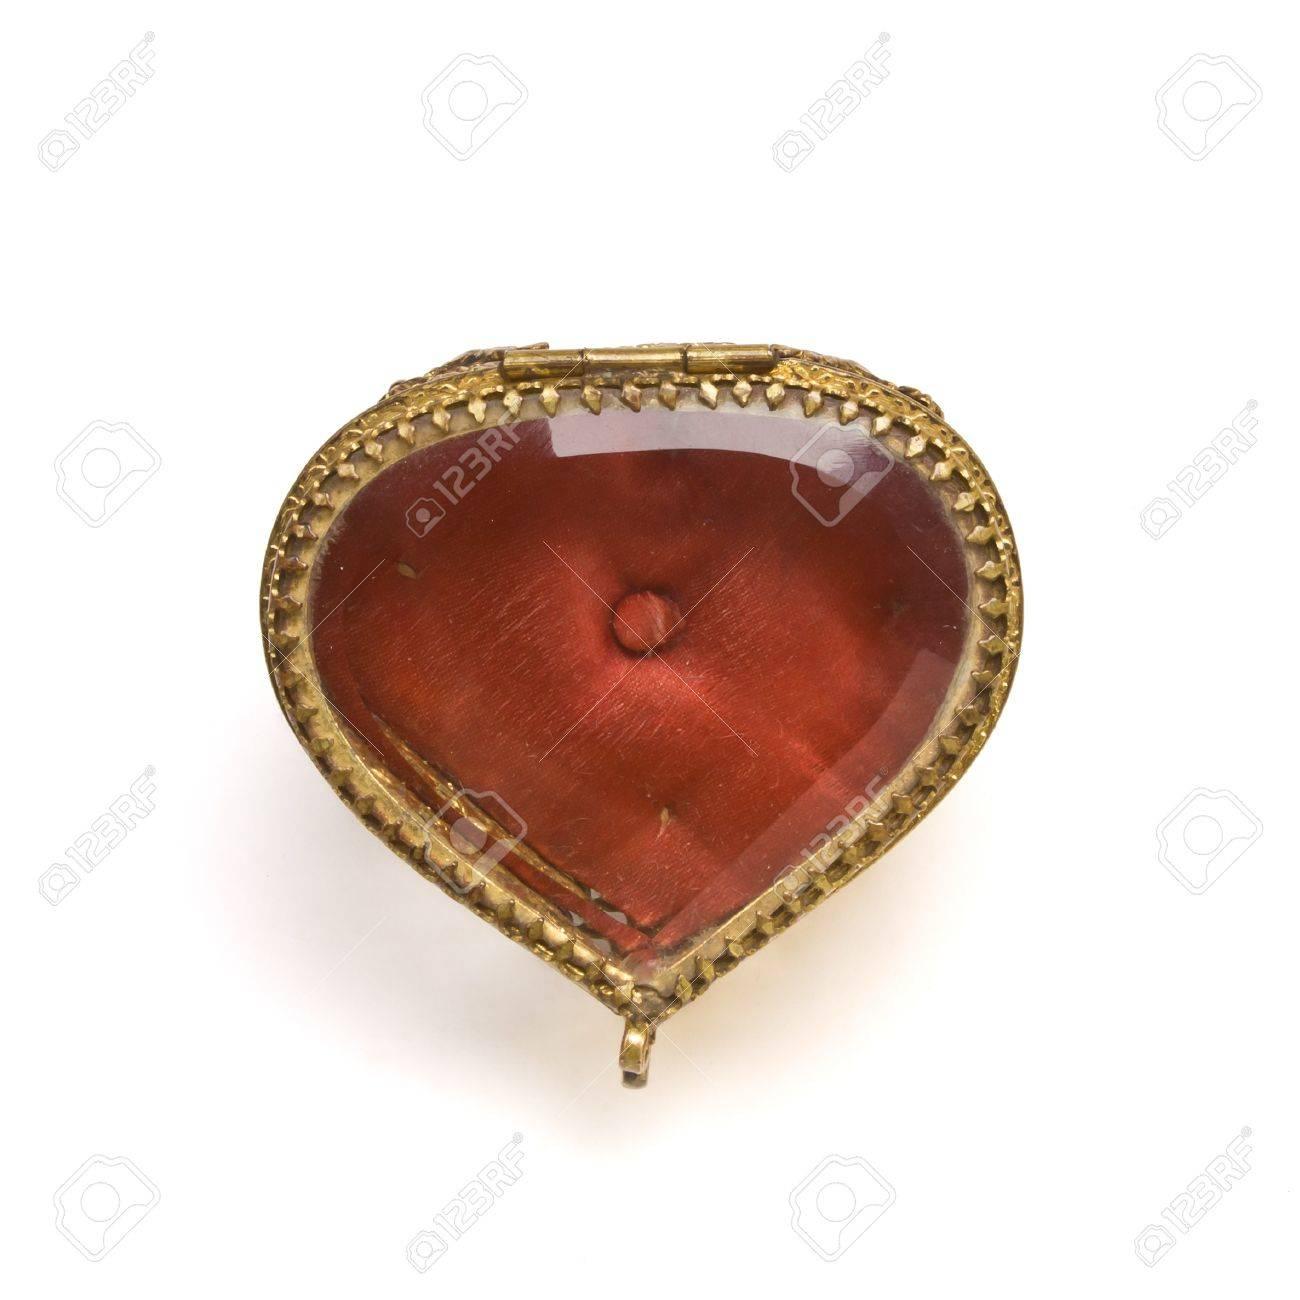 Vintage ornate heart shape Trinket box isolated on white. Stock Photo - 8801155